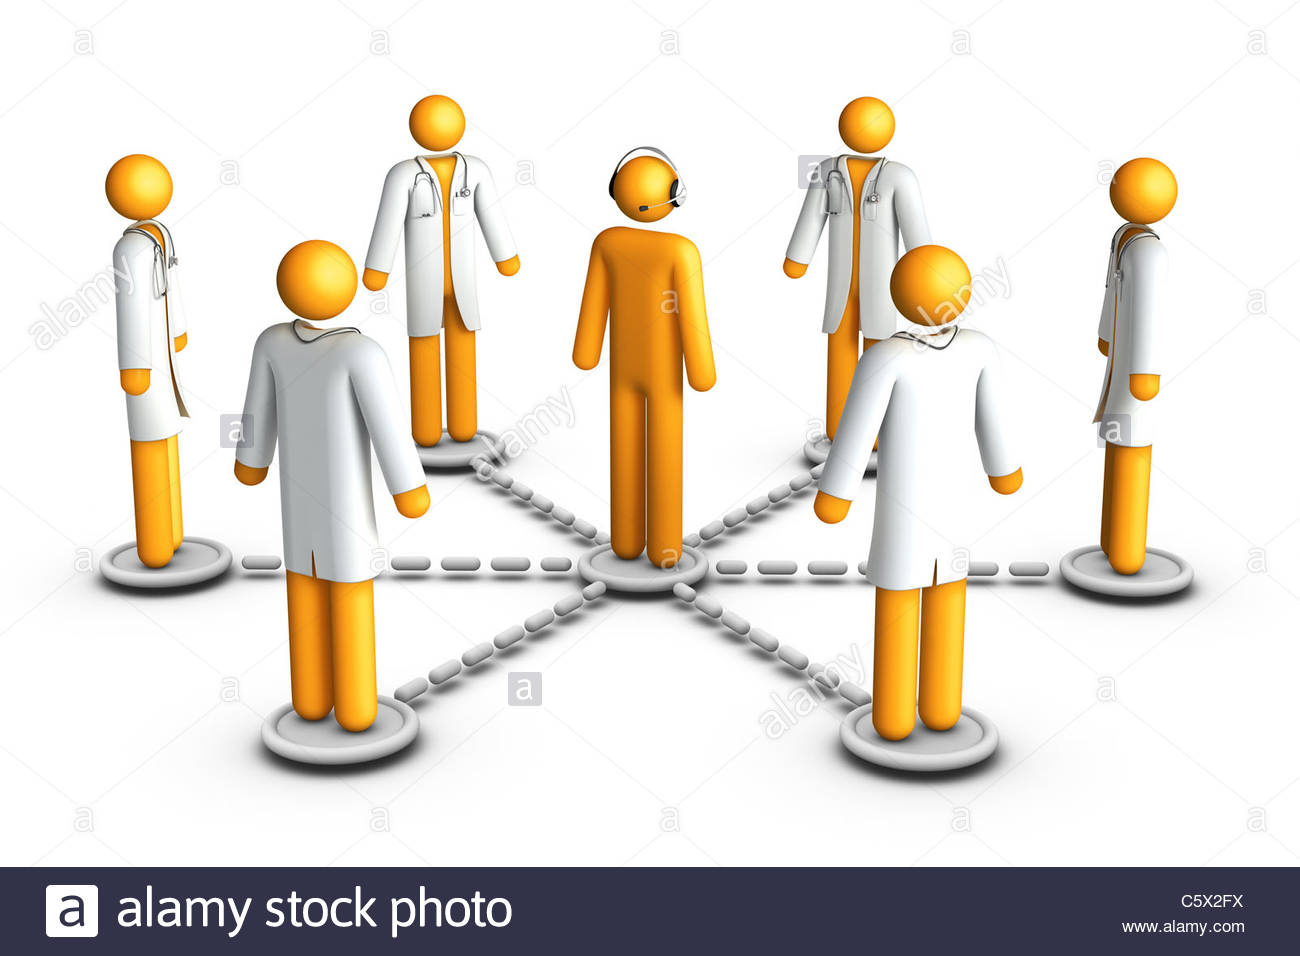 Health Care 3d Figure Stick